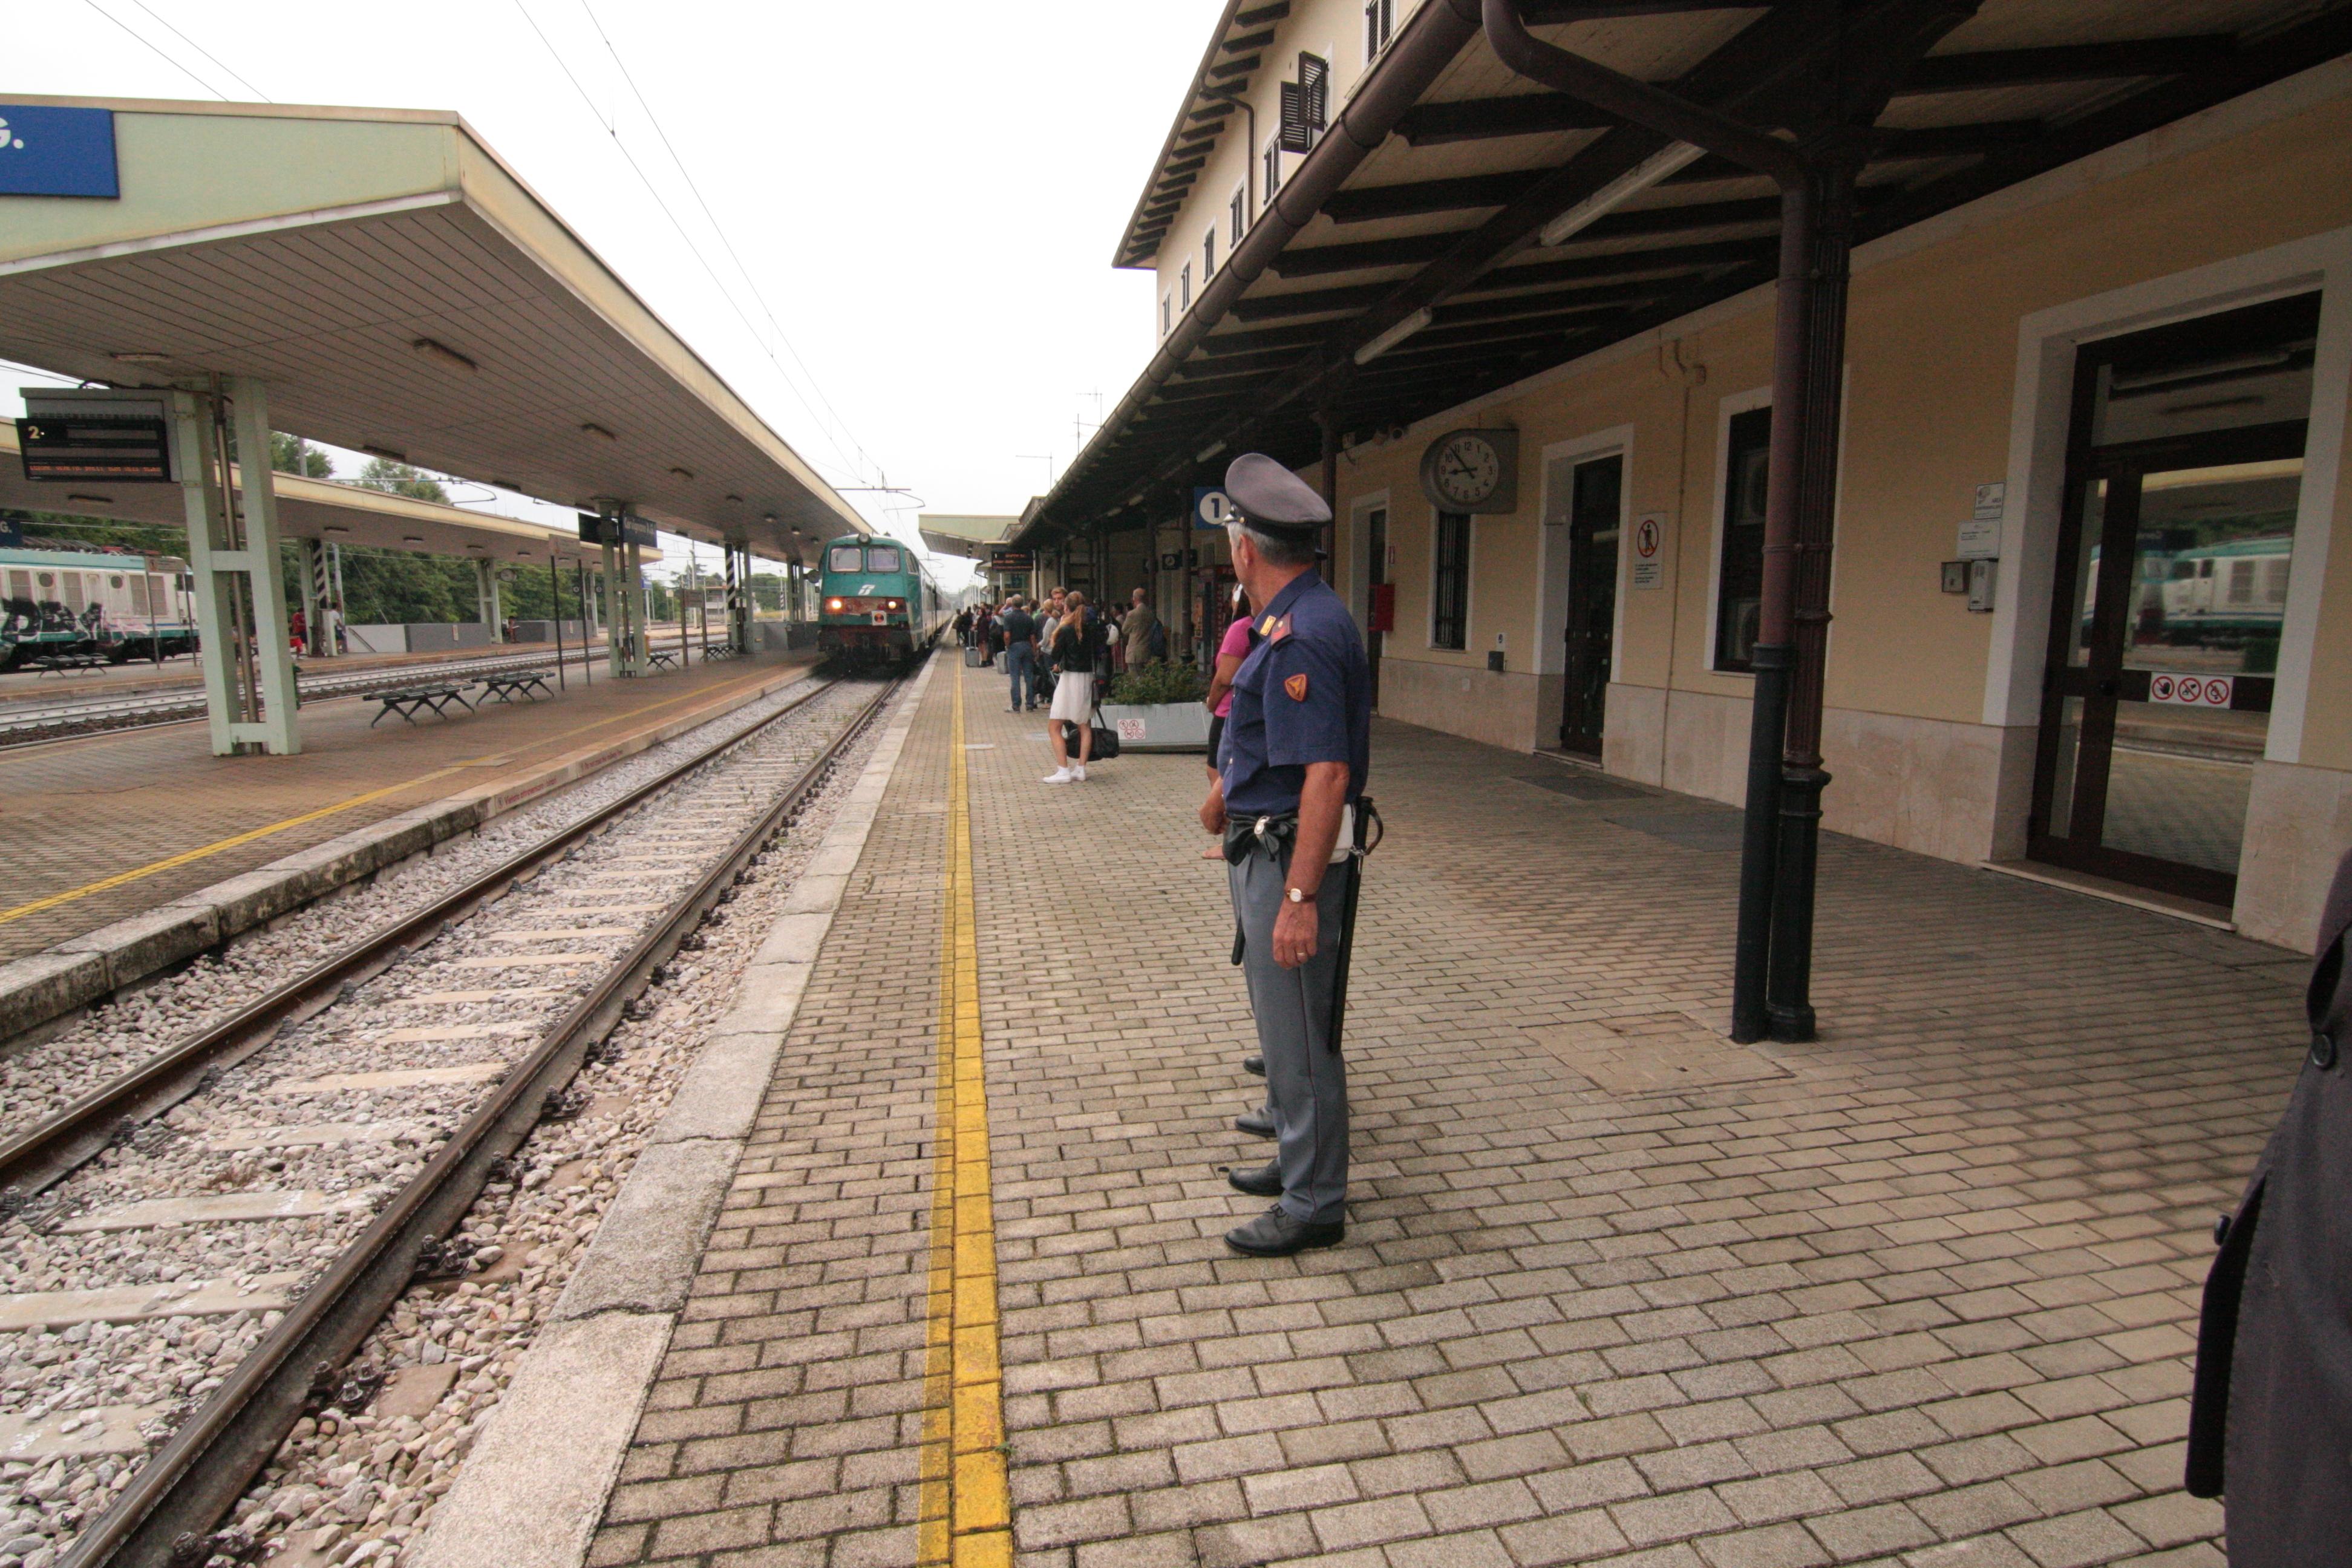 Compartimento Polizia Ferroviaria Friuli Venezia Giulia: i risultati ...